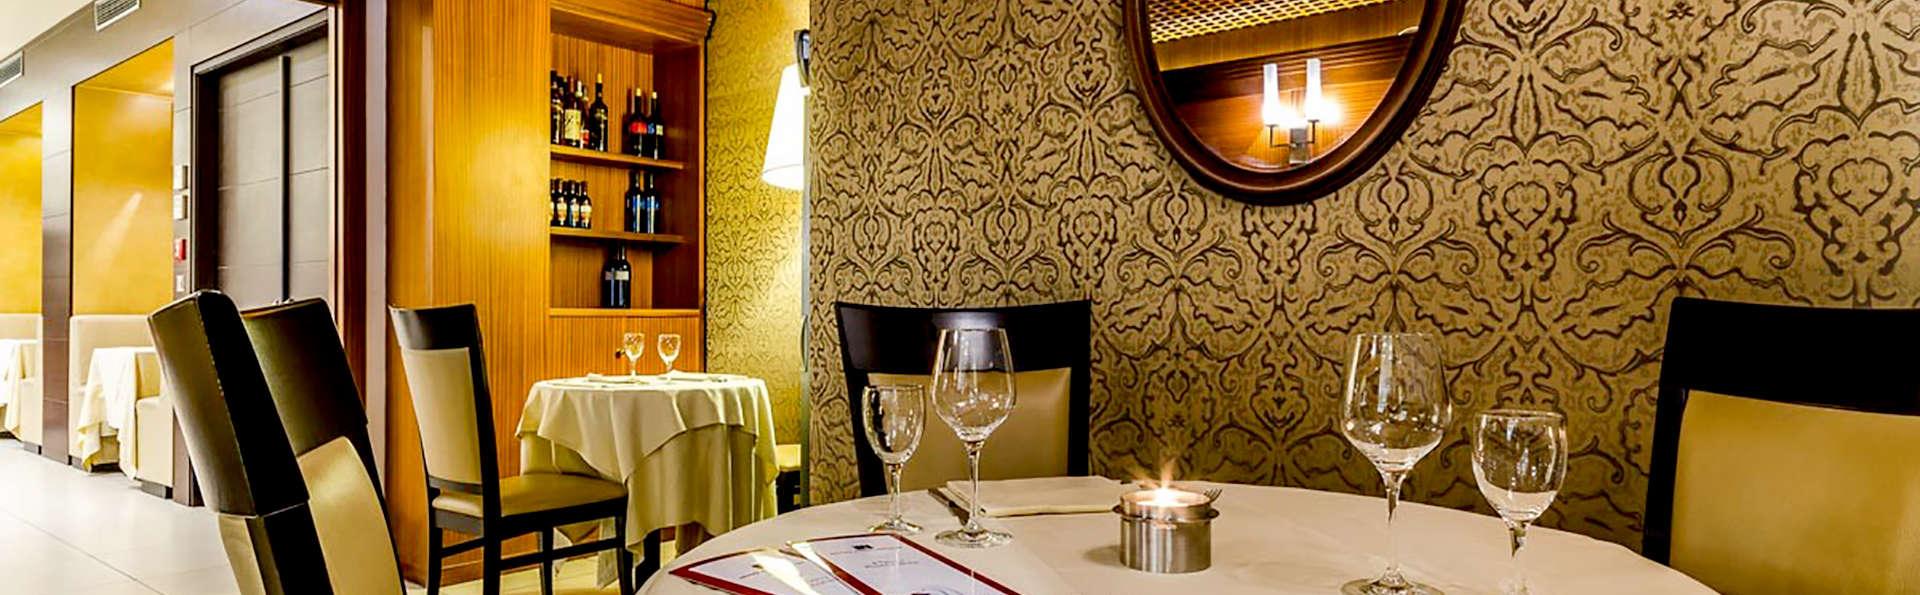 Romantisme avec dîner dans un élégant 4 * aux portes de Venise